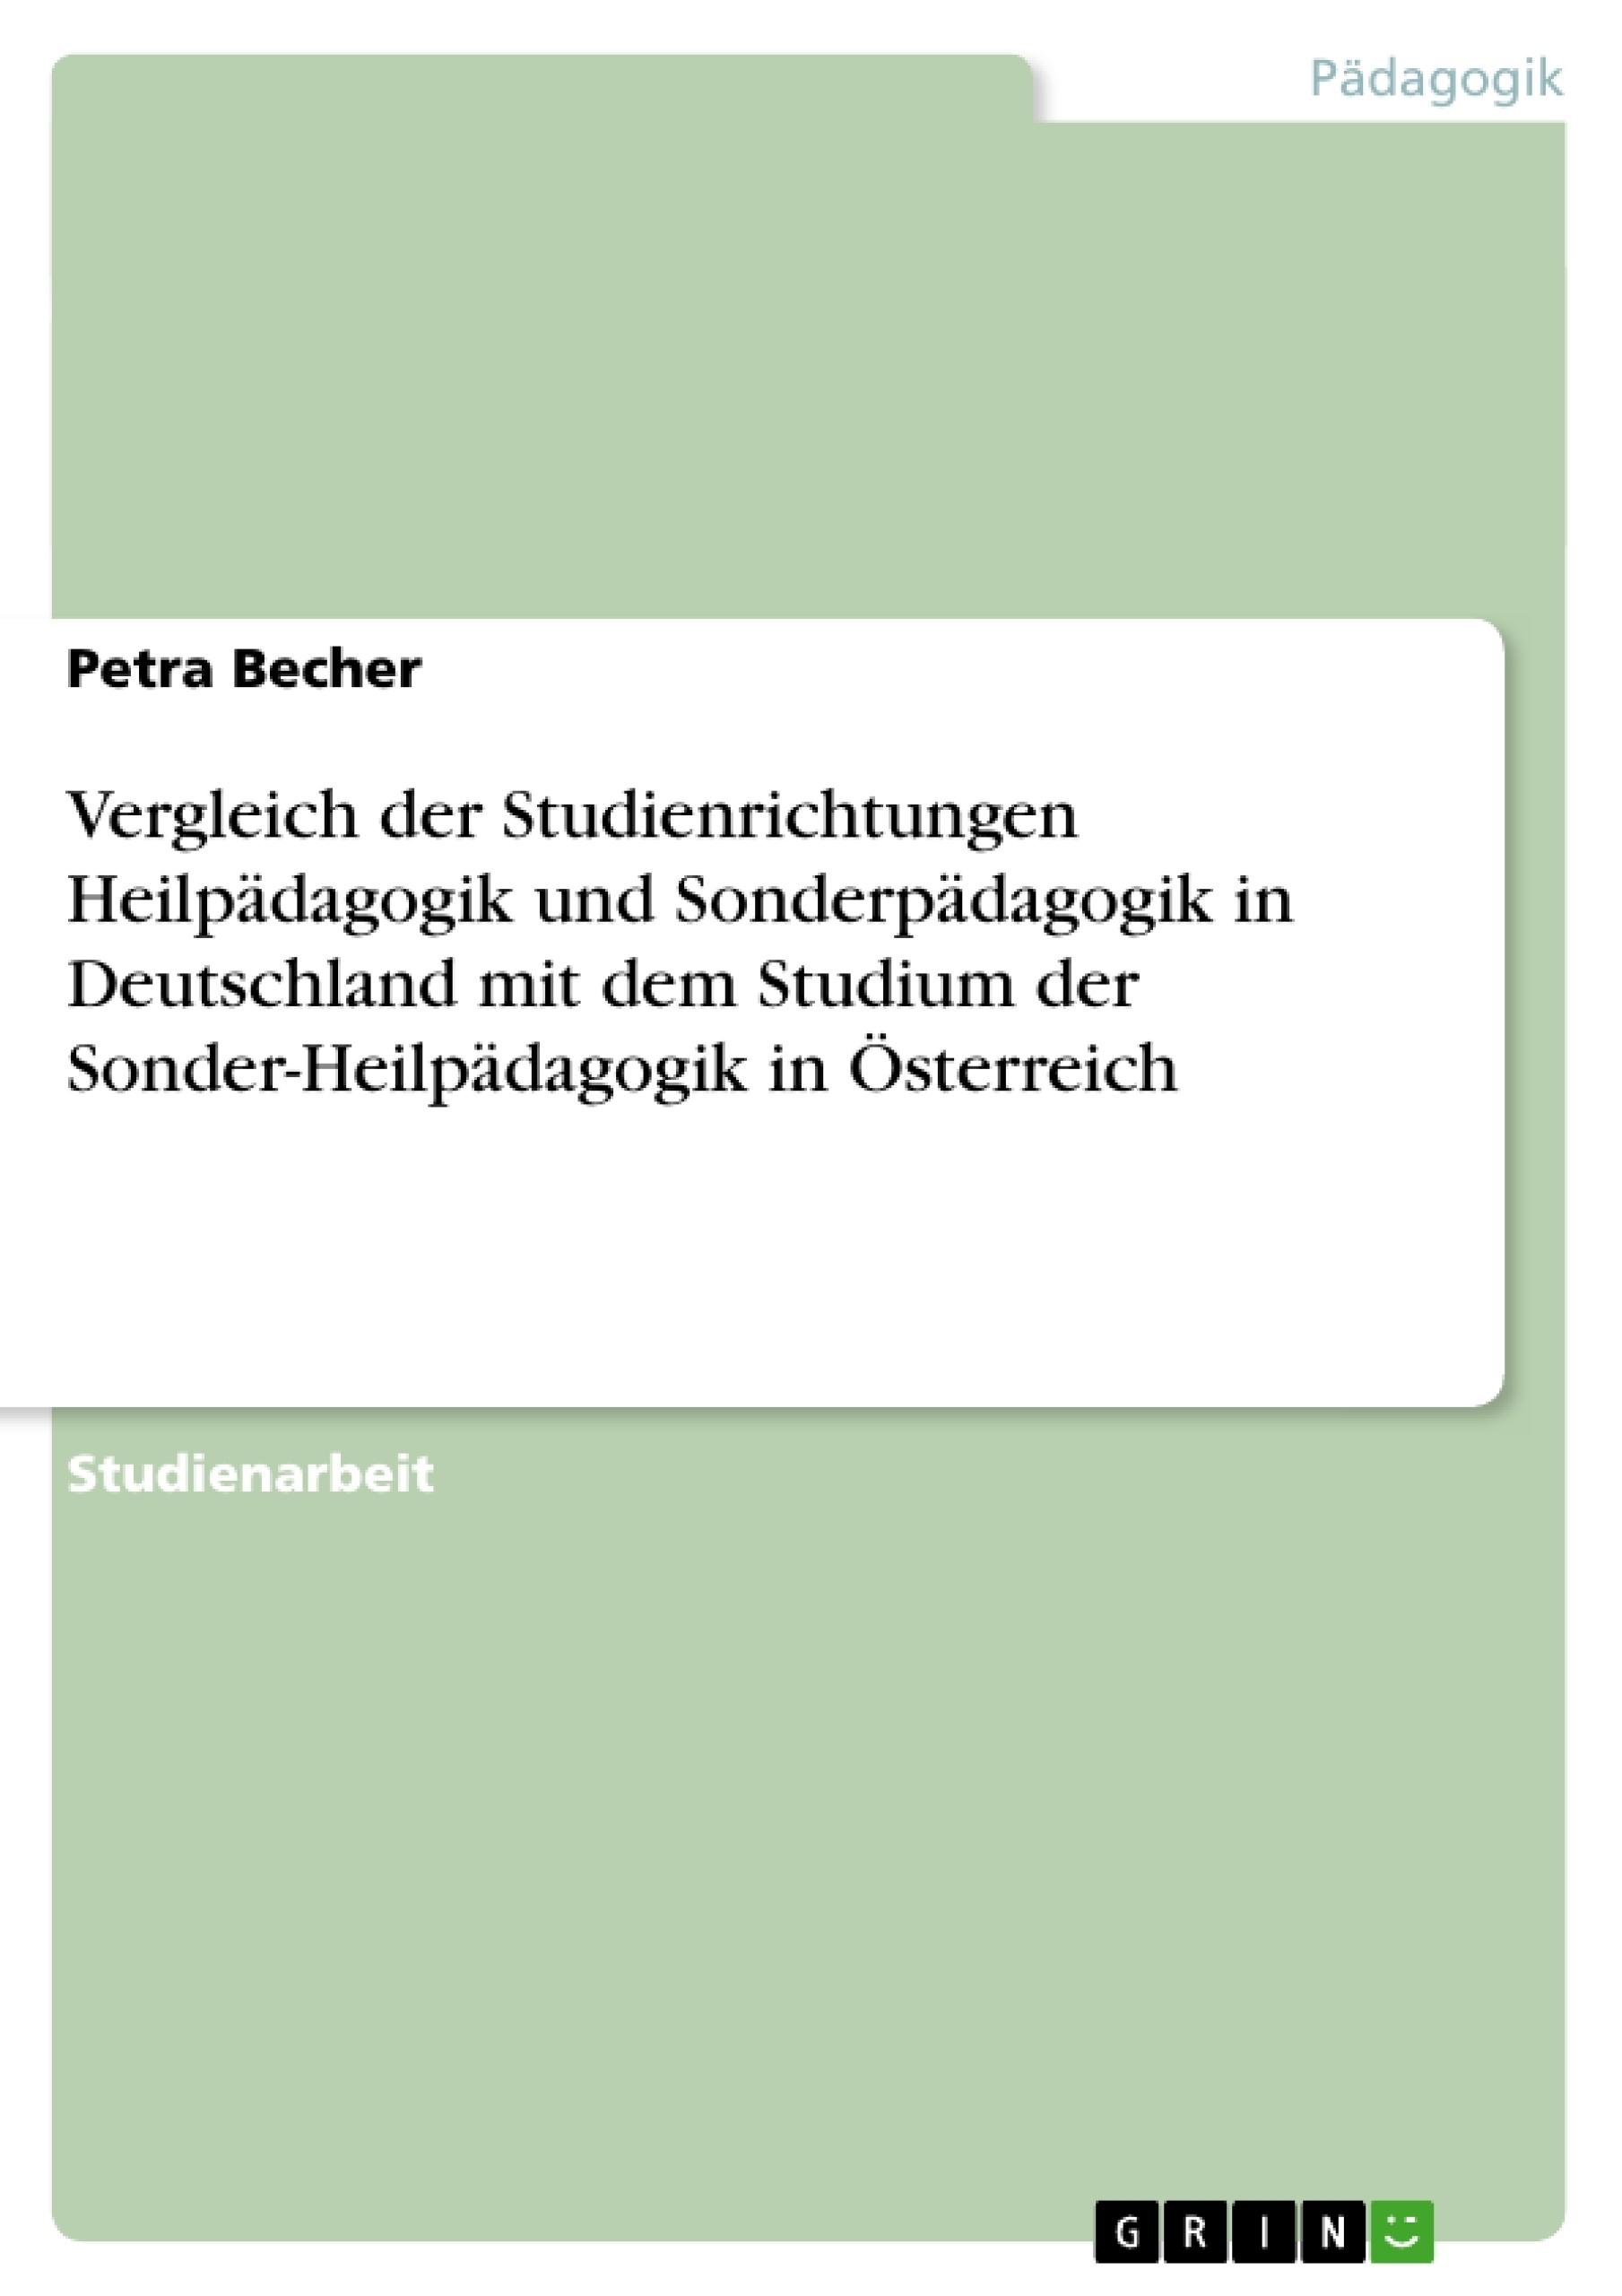 Titel: Vergleich der Studienrichtungen Heilpädagogik und Sonderpädagogik in Deutschland mit dem Studium der Sonder-Heilpädagogik in Österreich